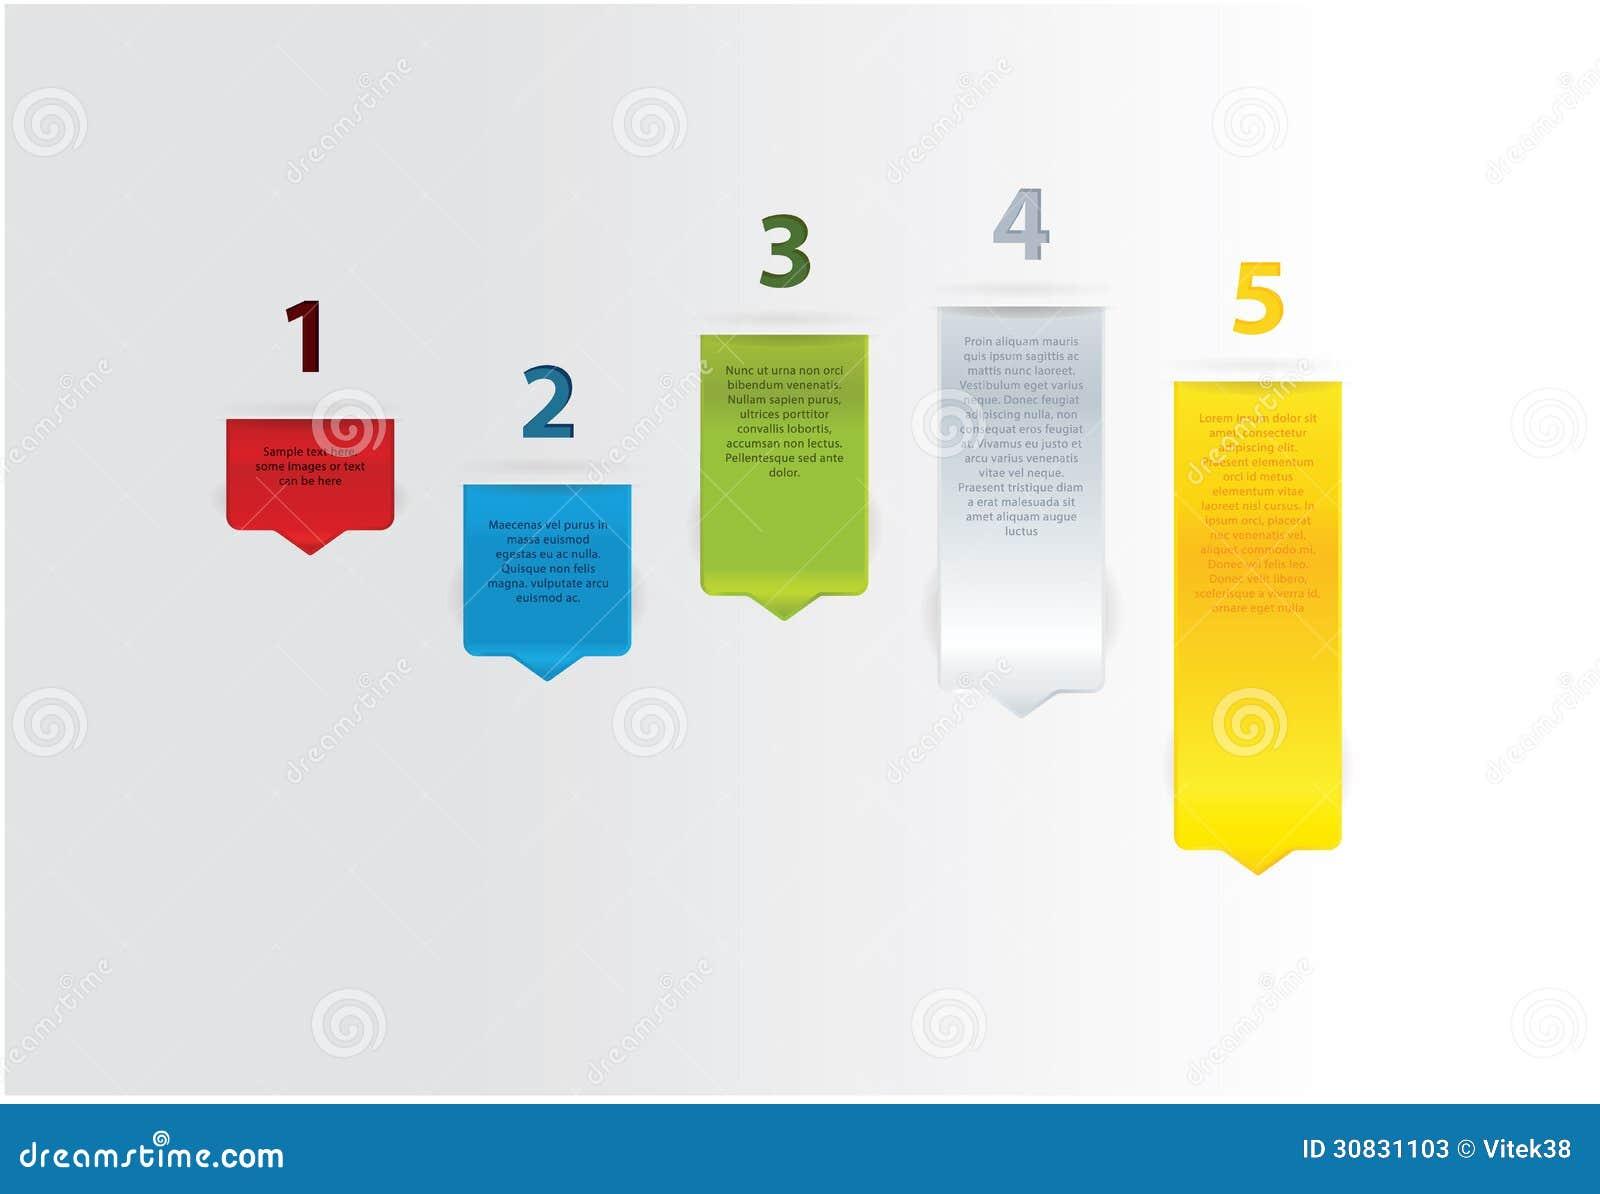 Cinque frecce moderne di vettore. Cinque punti, cinque colori differenti.